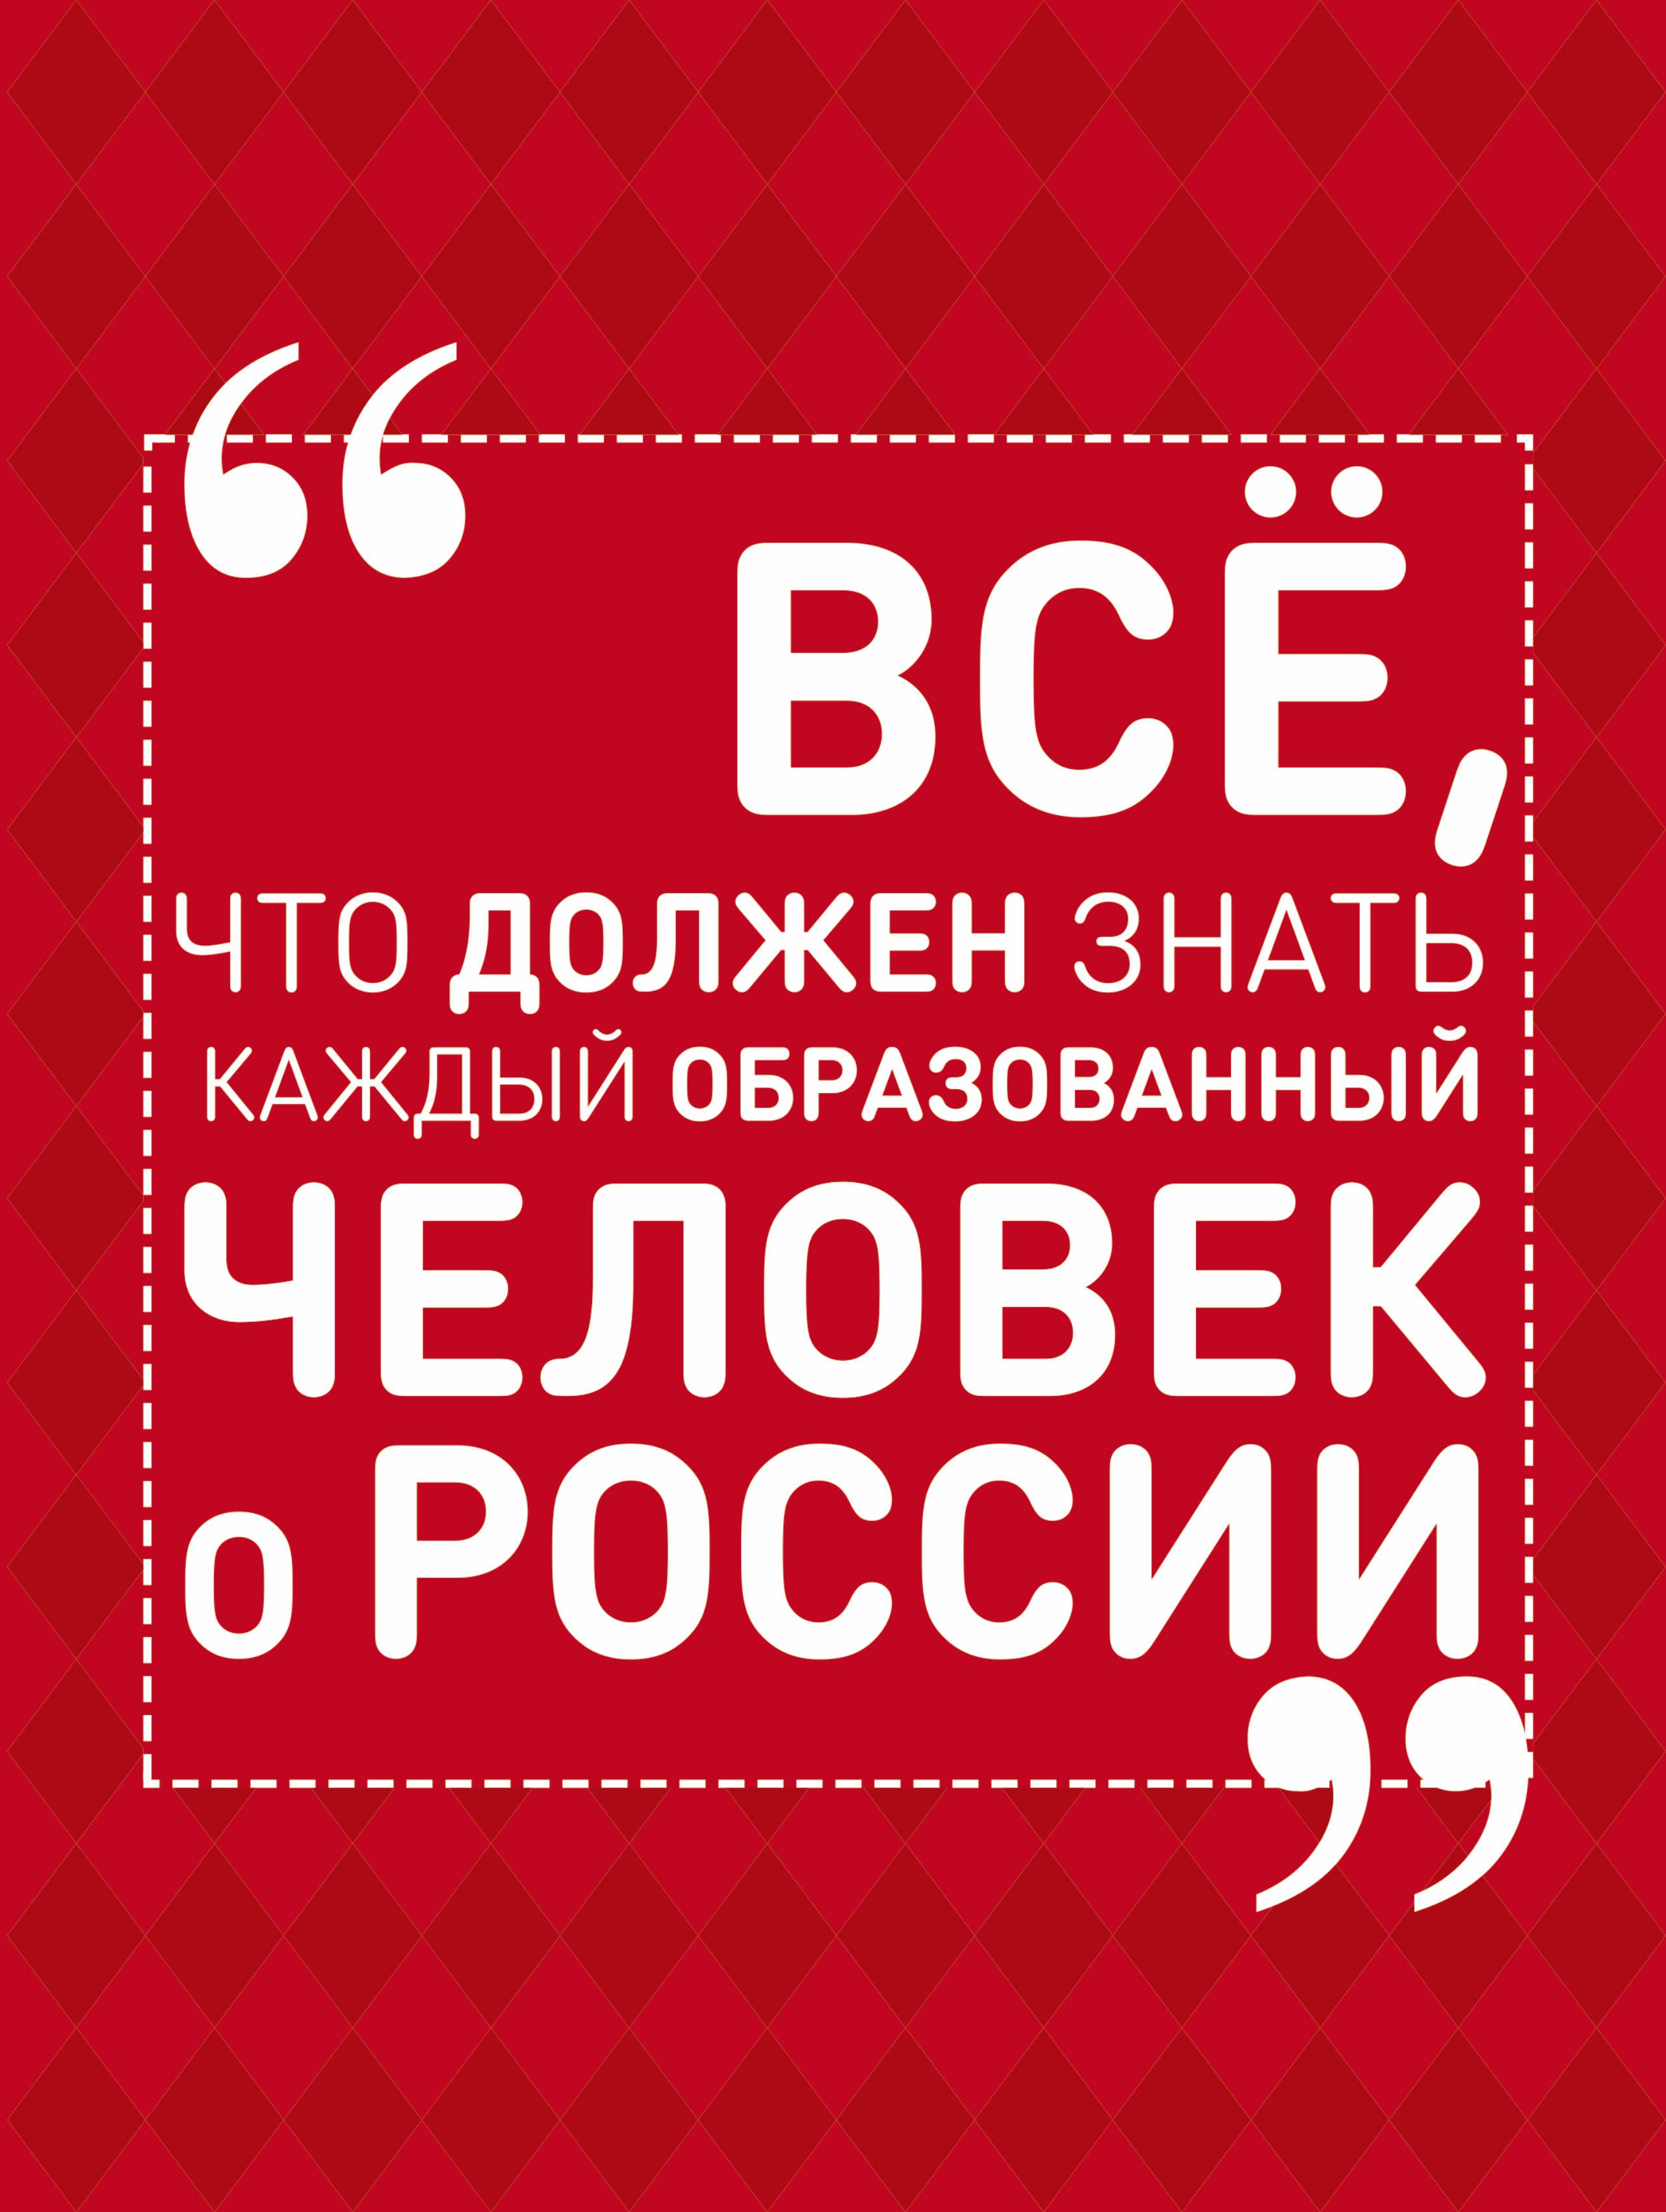 Блохина И.В. Всё, что должен знать каждый образованный человек о России ISBN: 978-5-17-094600-6 а а спектор все что должен знать каждый образованный человек об истории